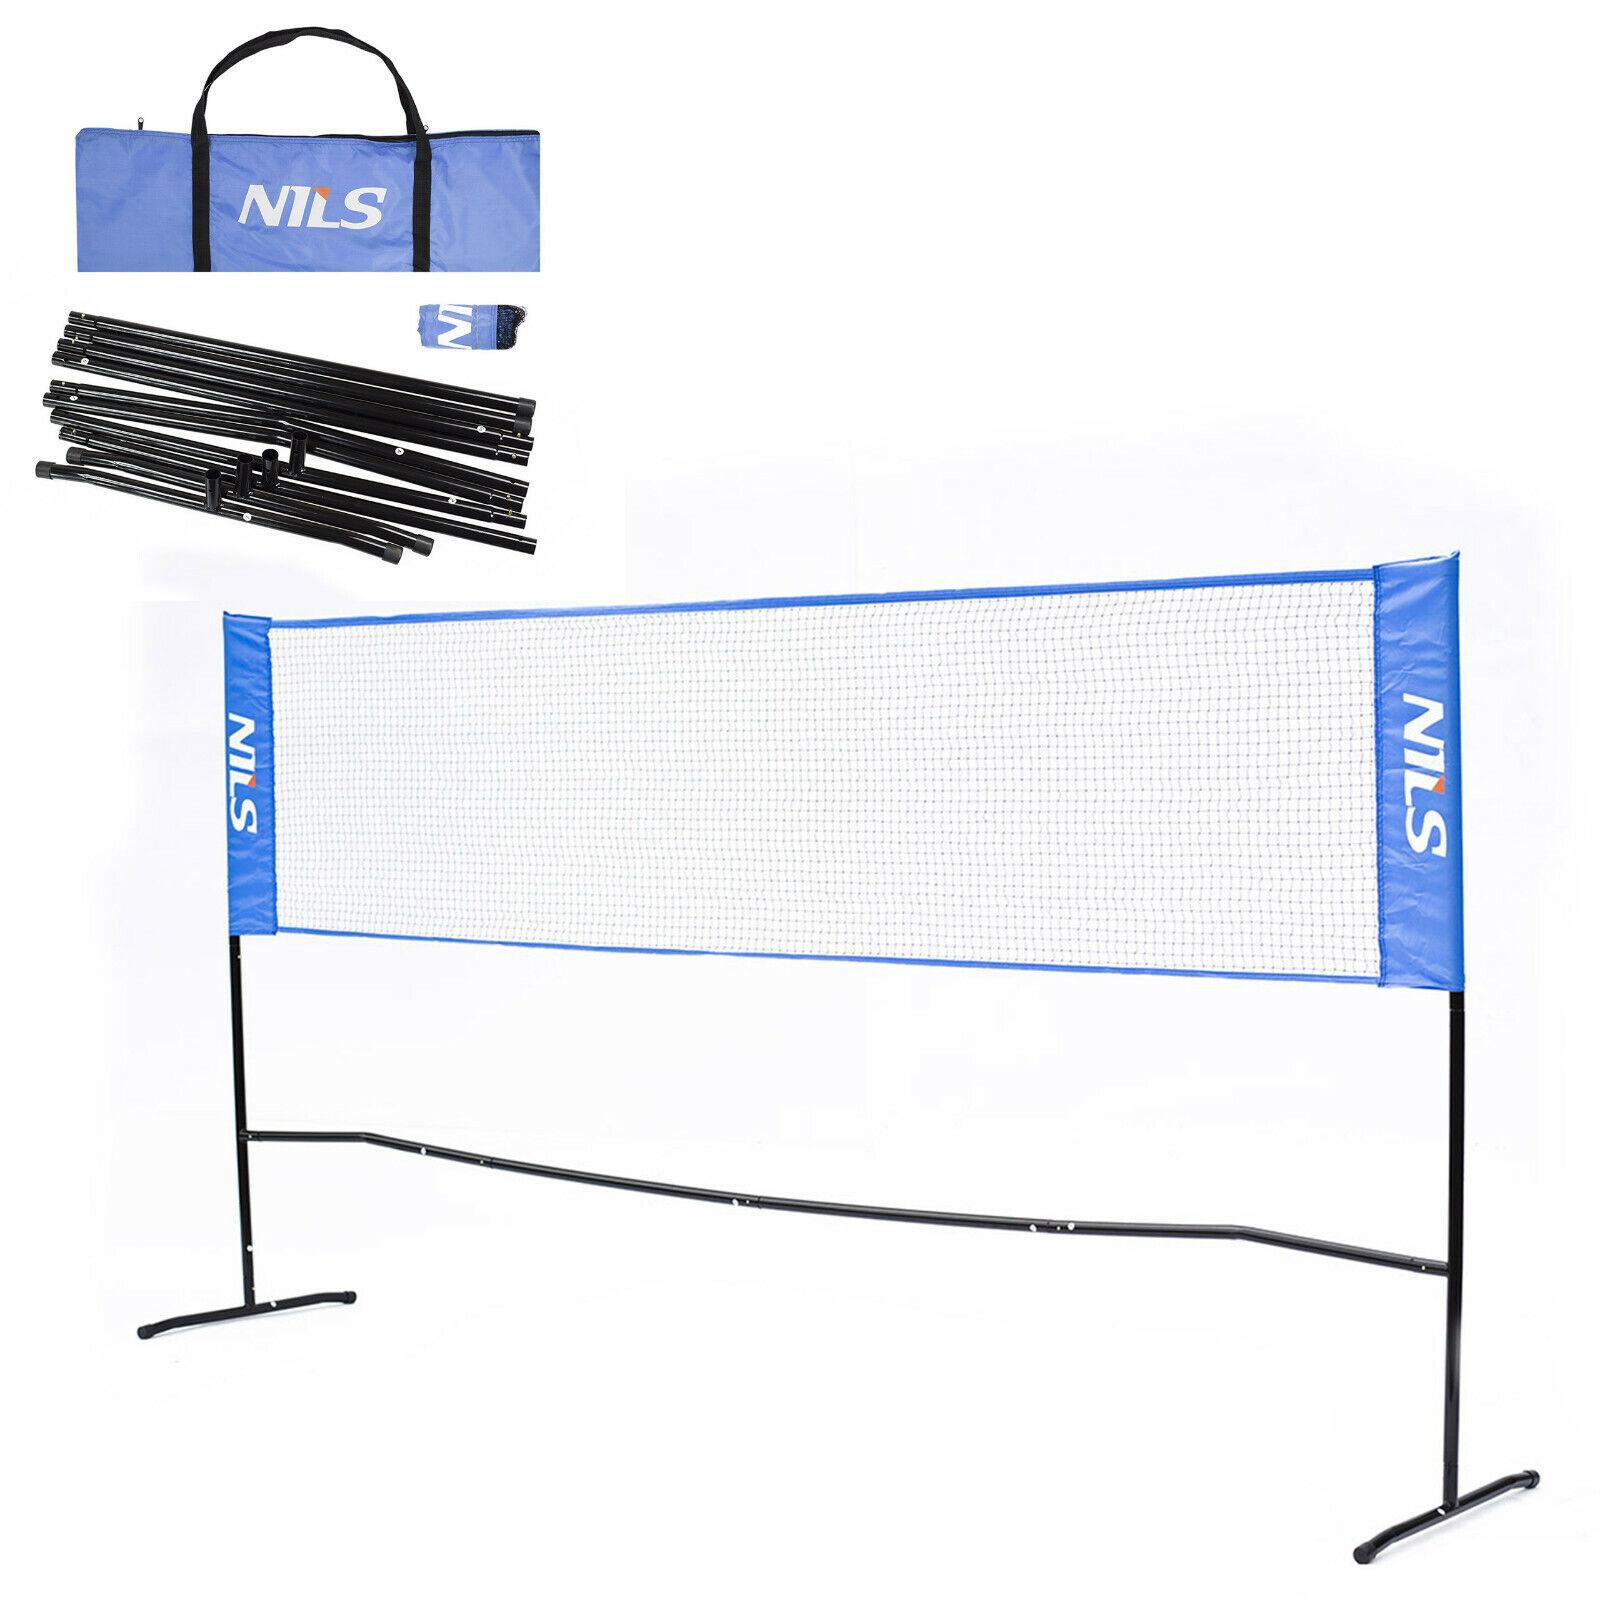 Nils Badmintonnetz Garten Federballnetz 3m 3m 3m Volleyballnetz Tasche Federball Netz e3dbf1